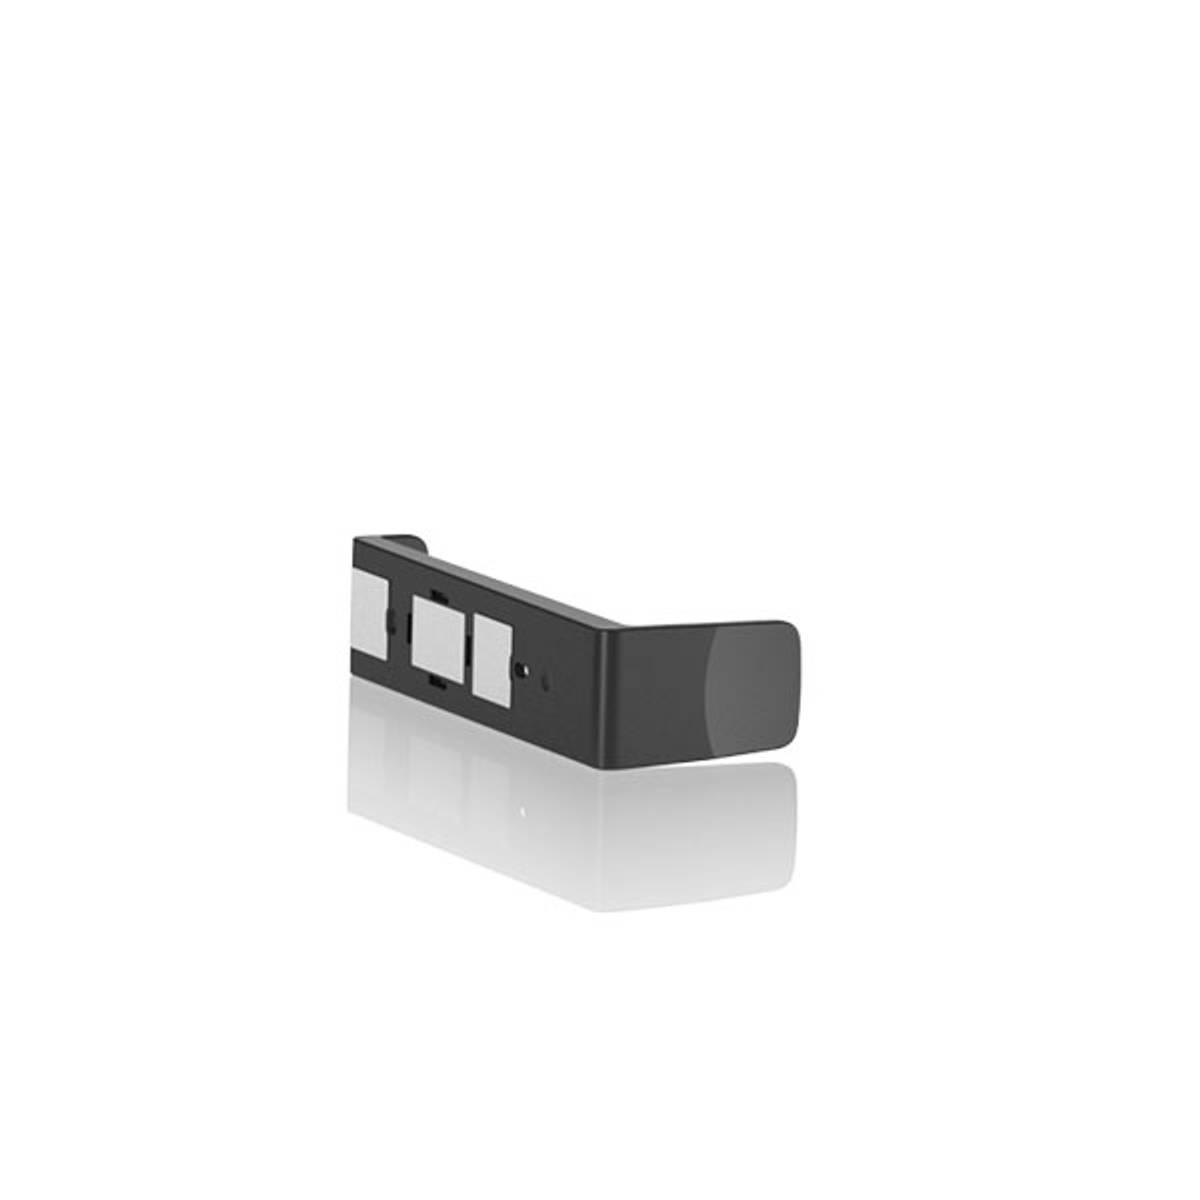 Magnetisk brakett til Cube Glossy Svart